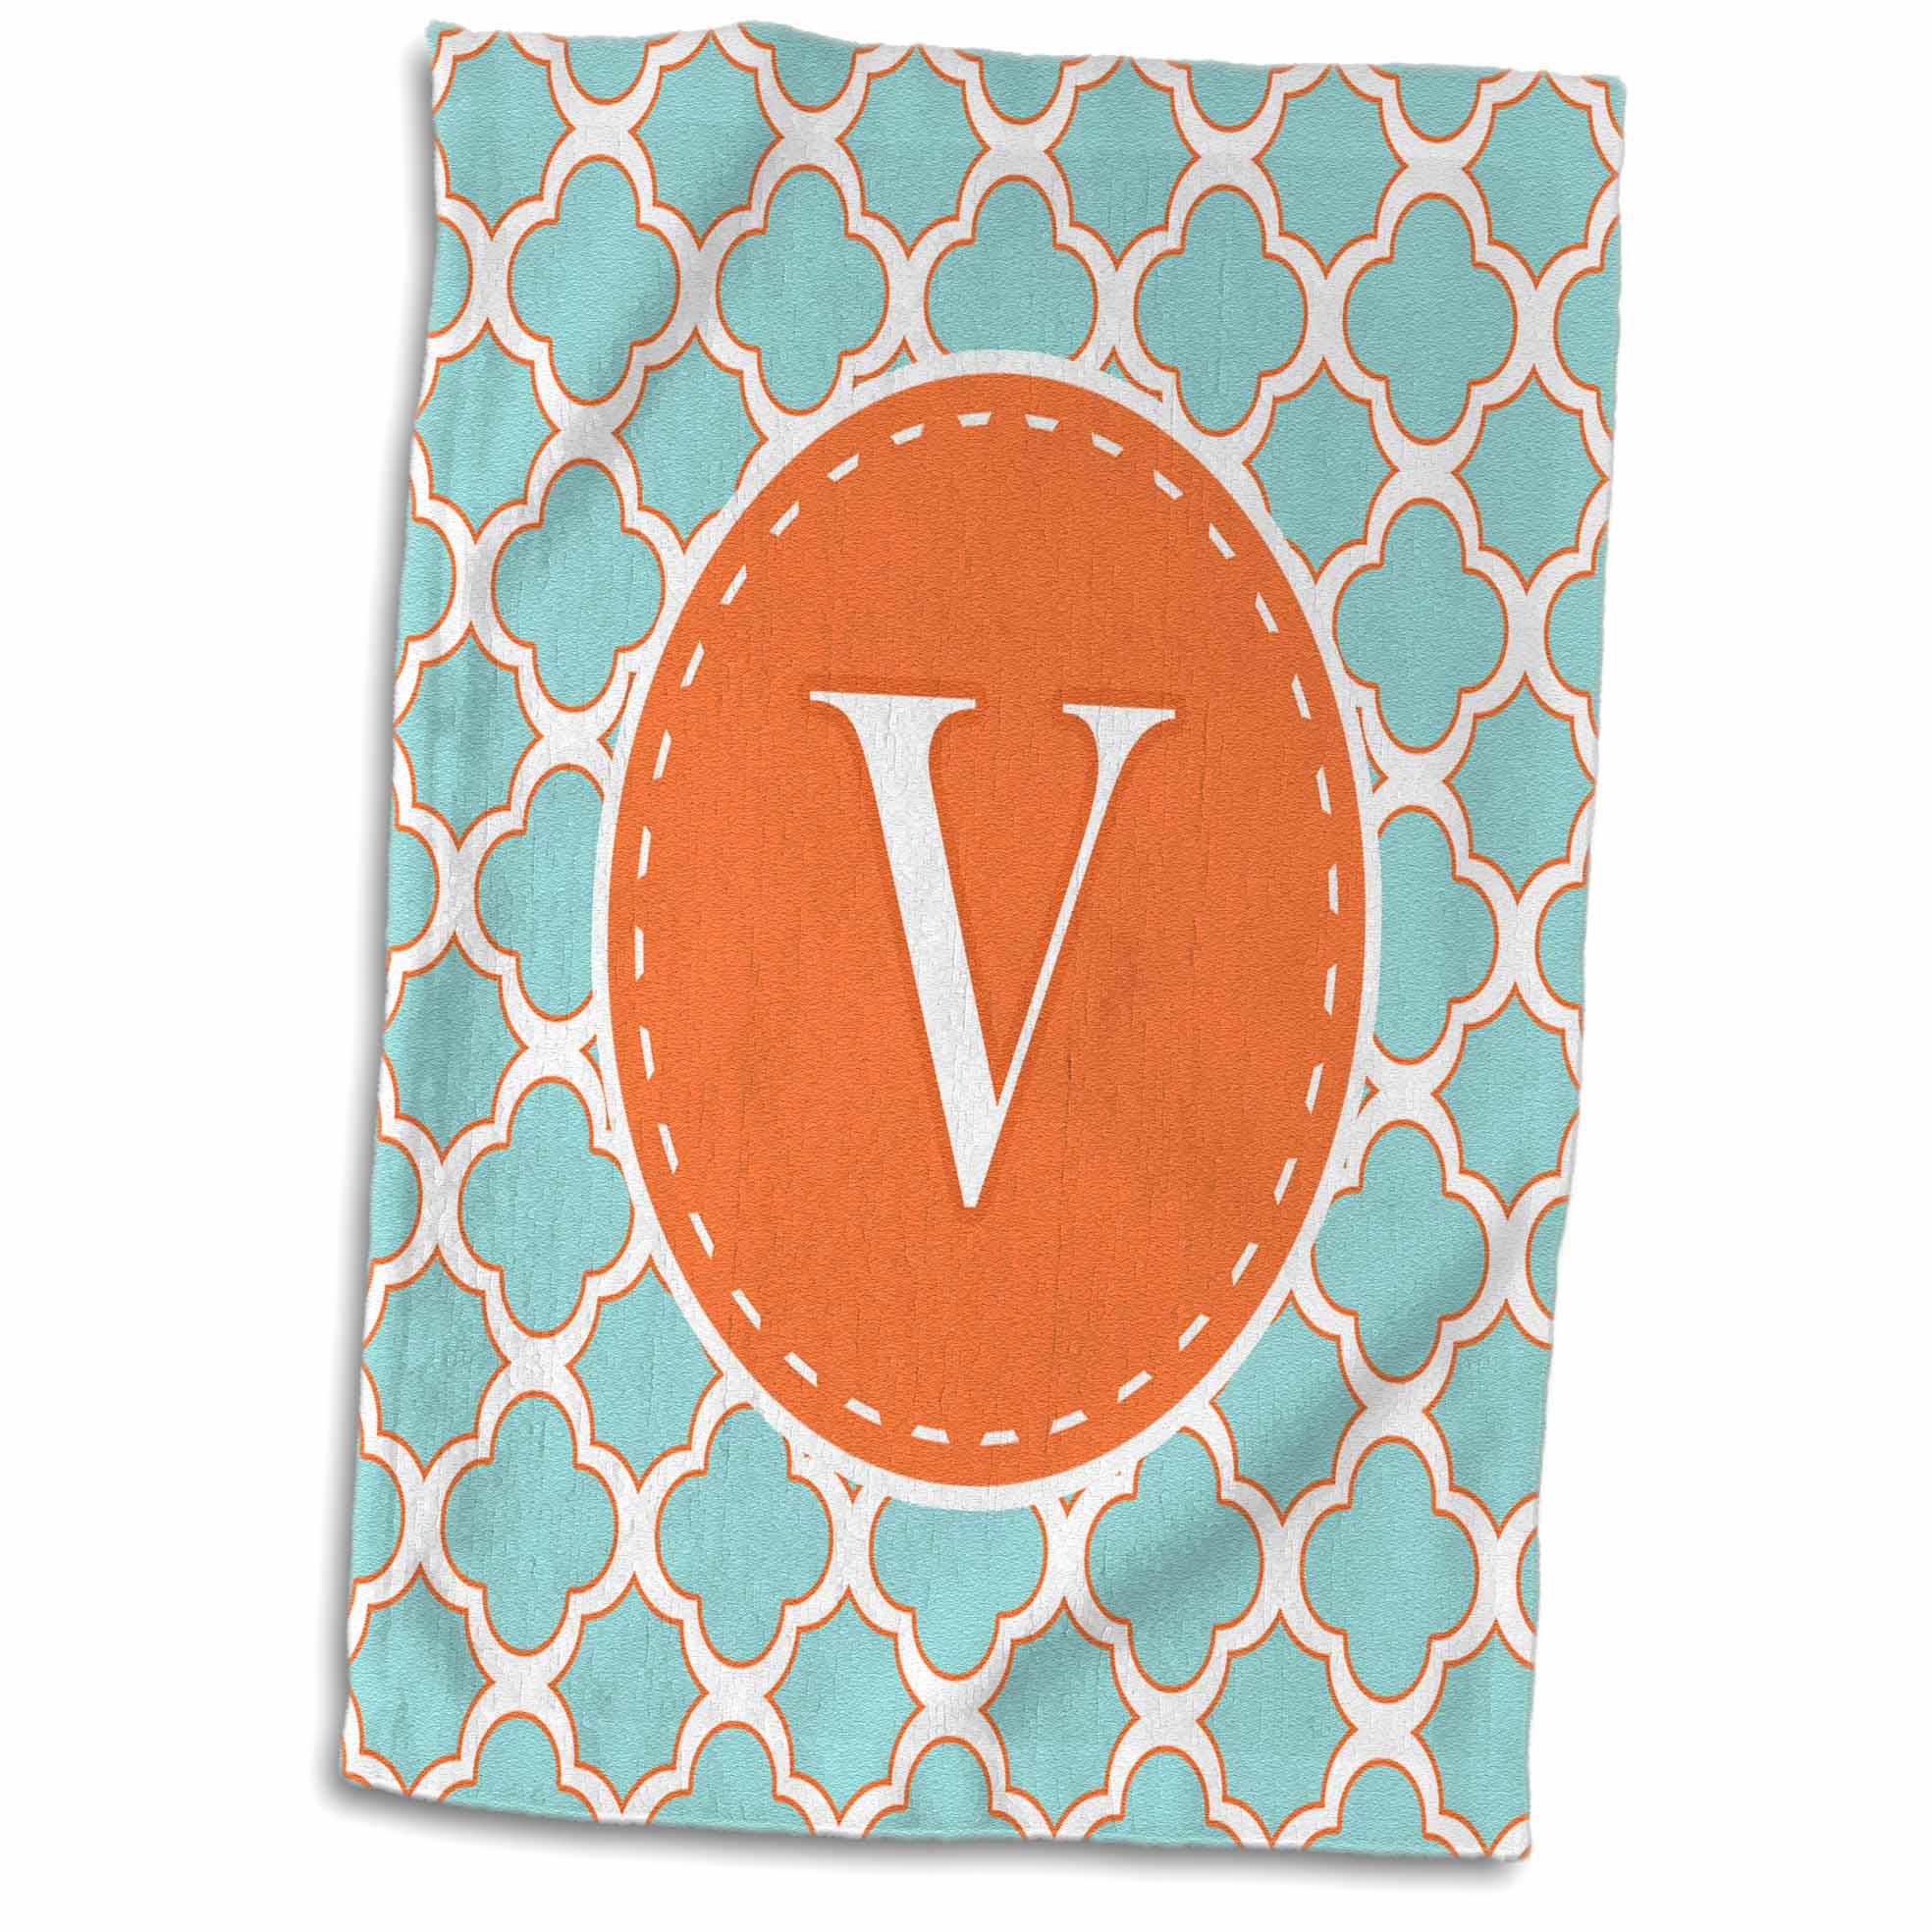 3dRose Letter V Monogram Orange and Blue Quatrefoil Pattern - Towel, 15 by 22-inch